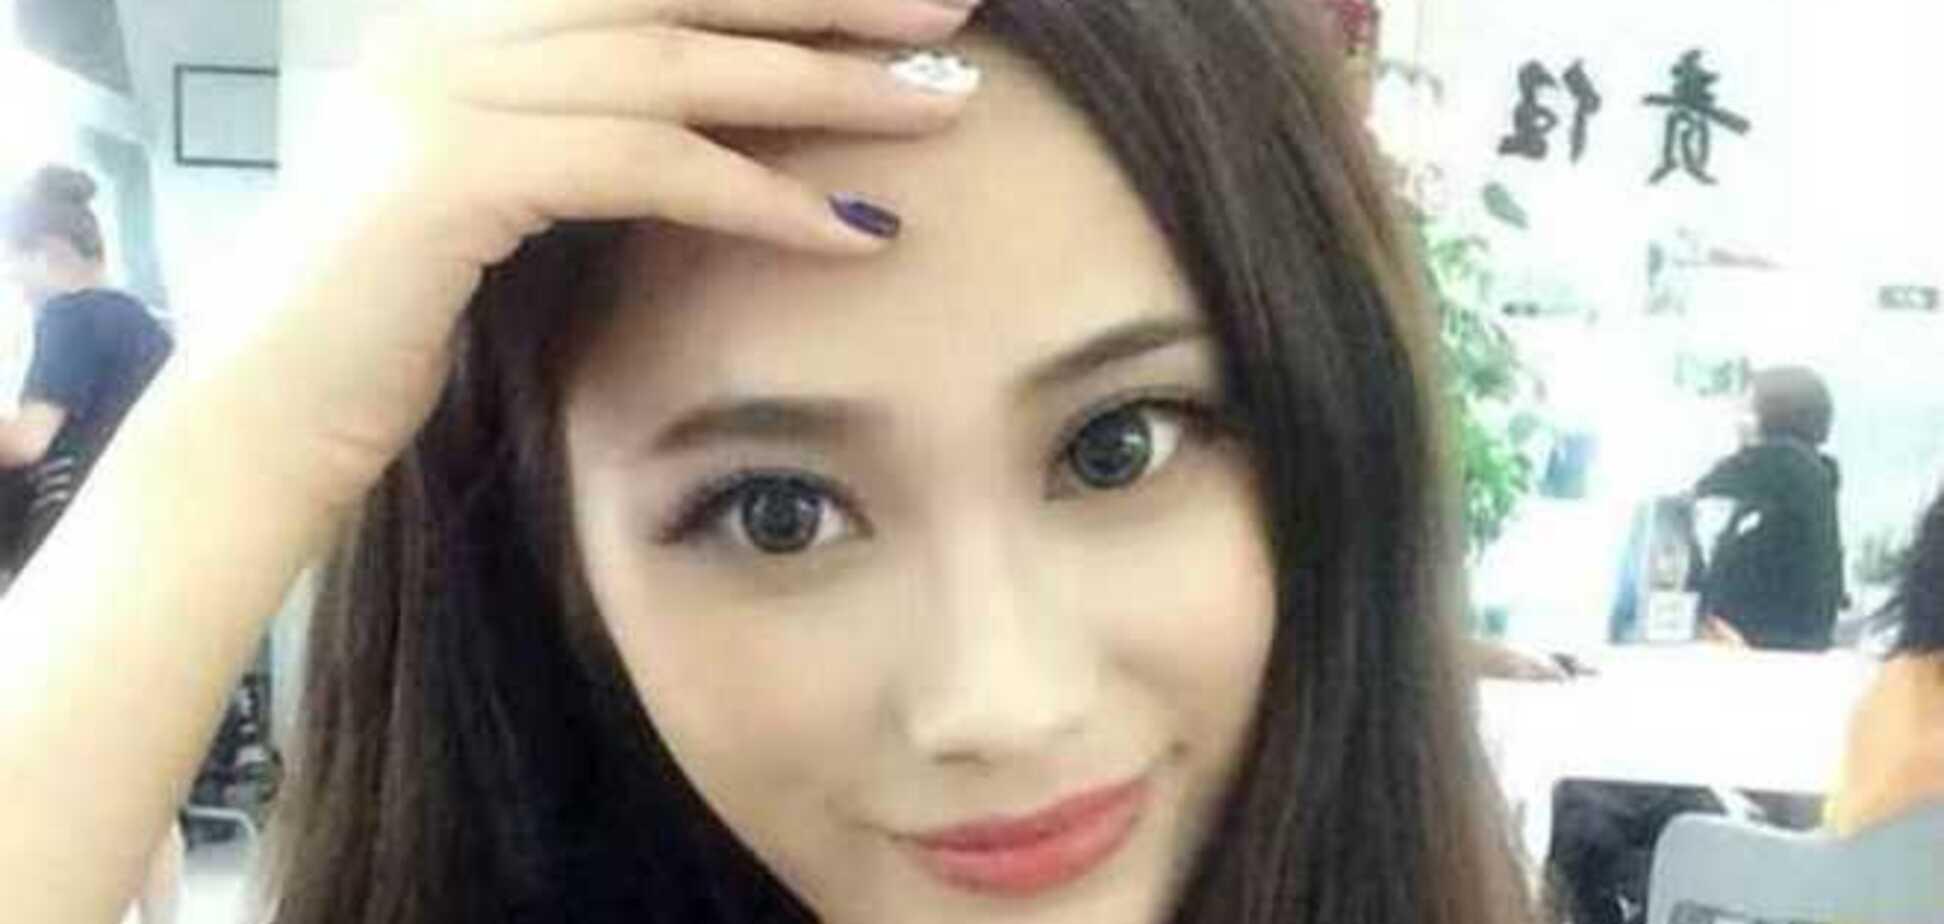 Молодая китаянка поехала в секс-тур по стране, общество в шоке